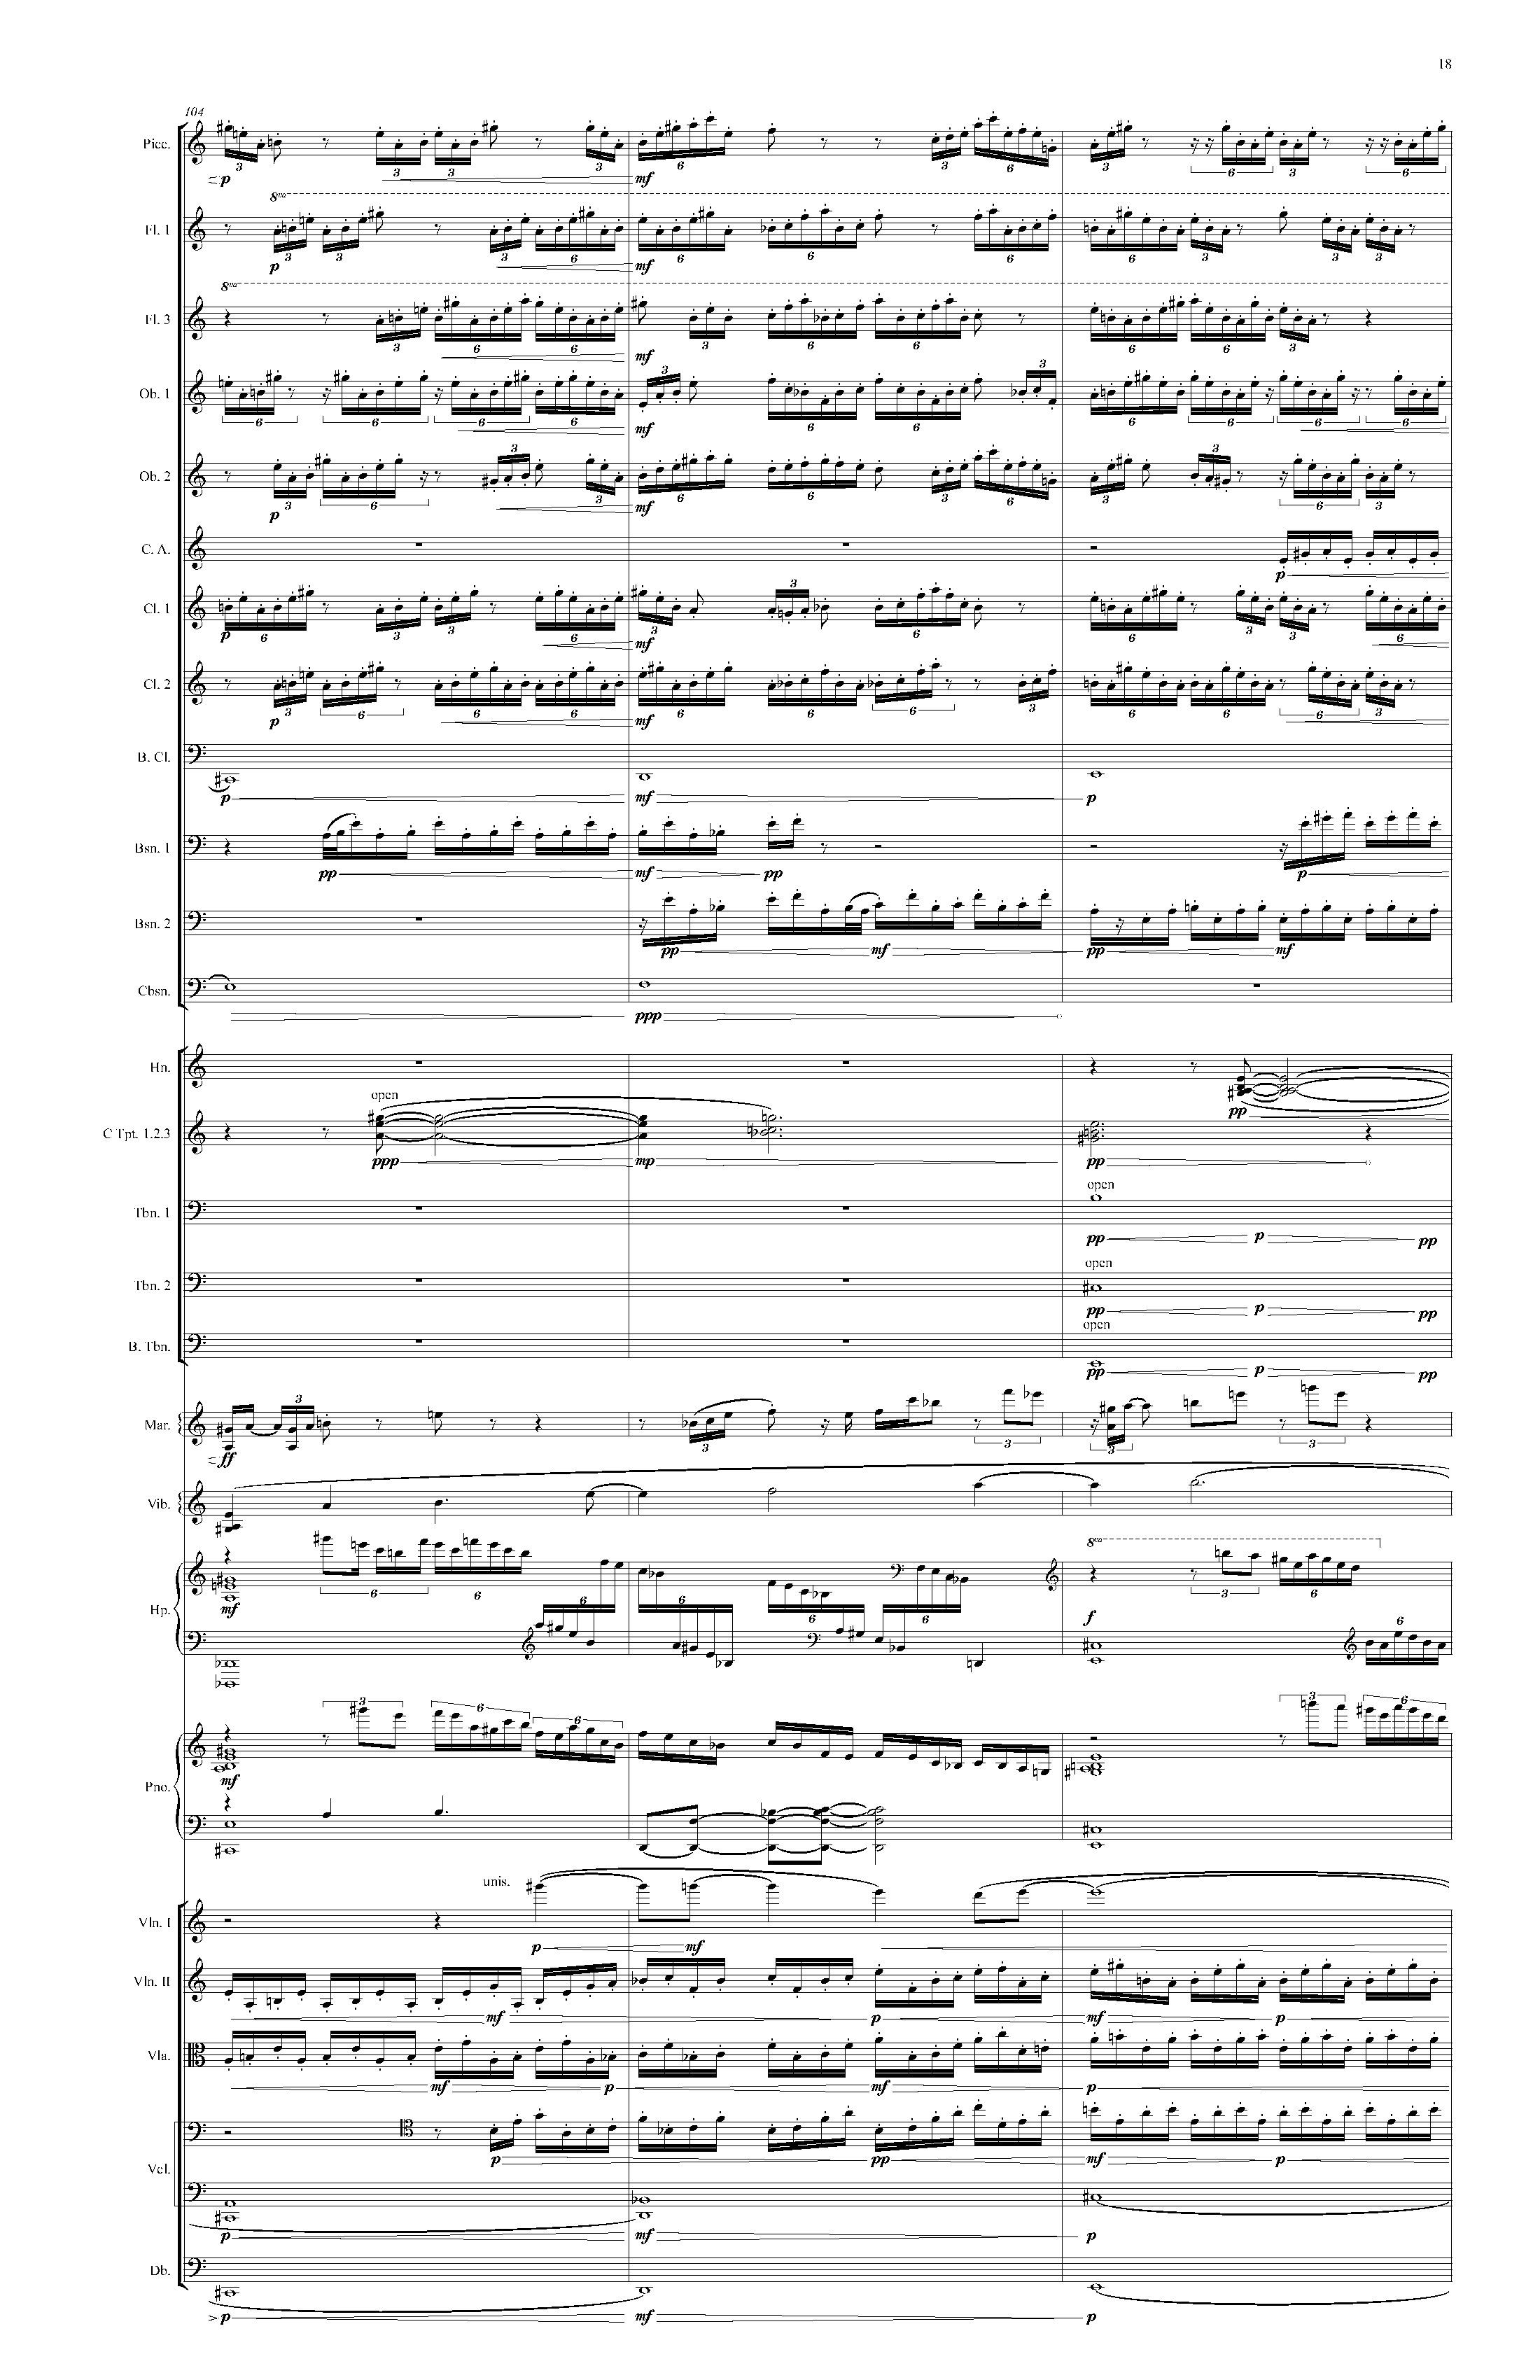 Kolmanskop 4-4-17 score - Full Score_Seite_21.jpg